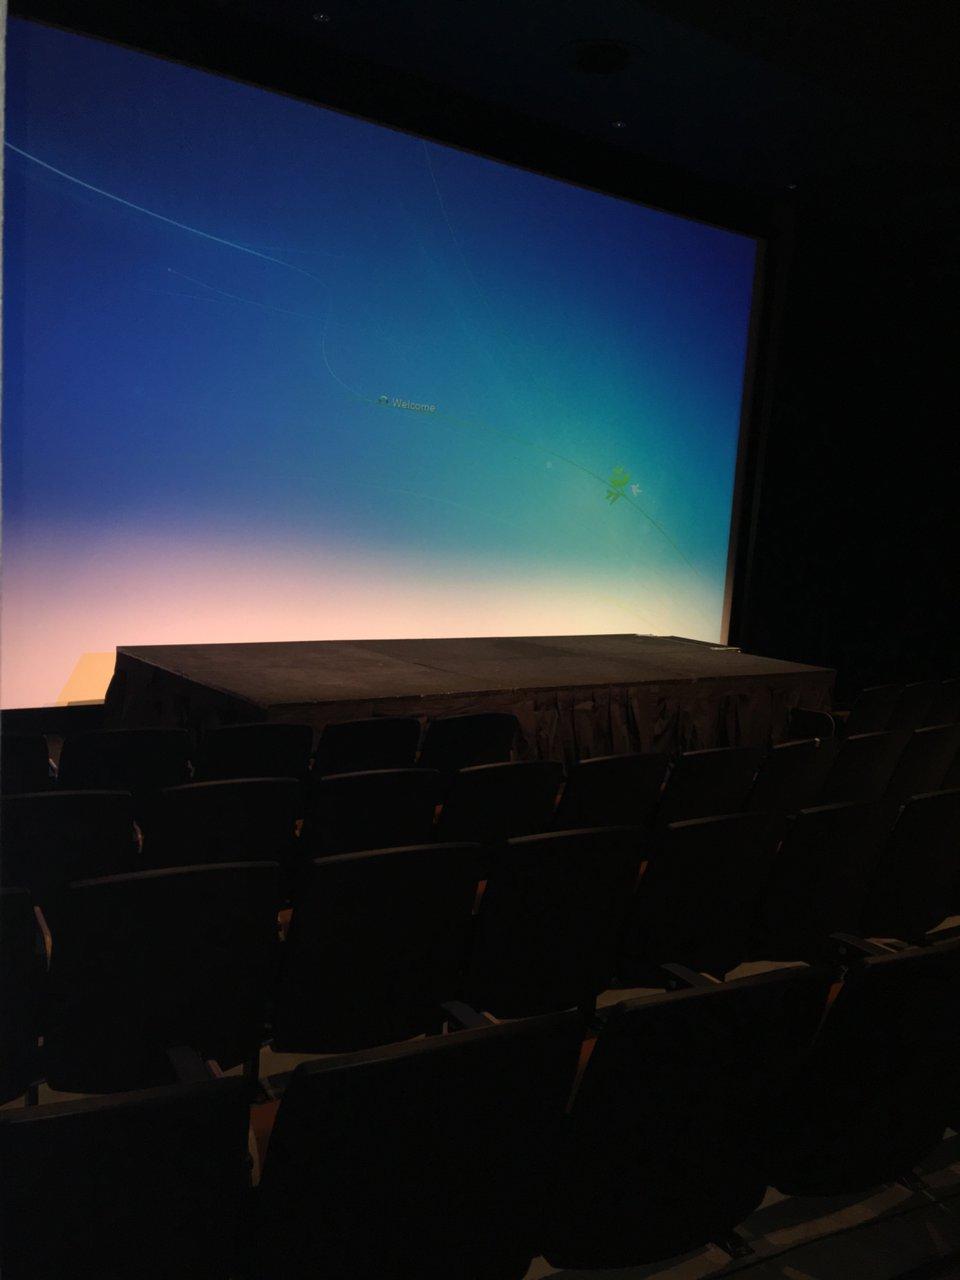 ASU Theatre Summer Play photo 7484DA47-B7BF-4A6C-B842-EB78788C39CD.jpg